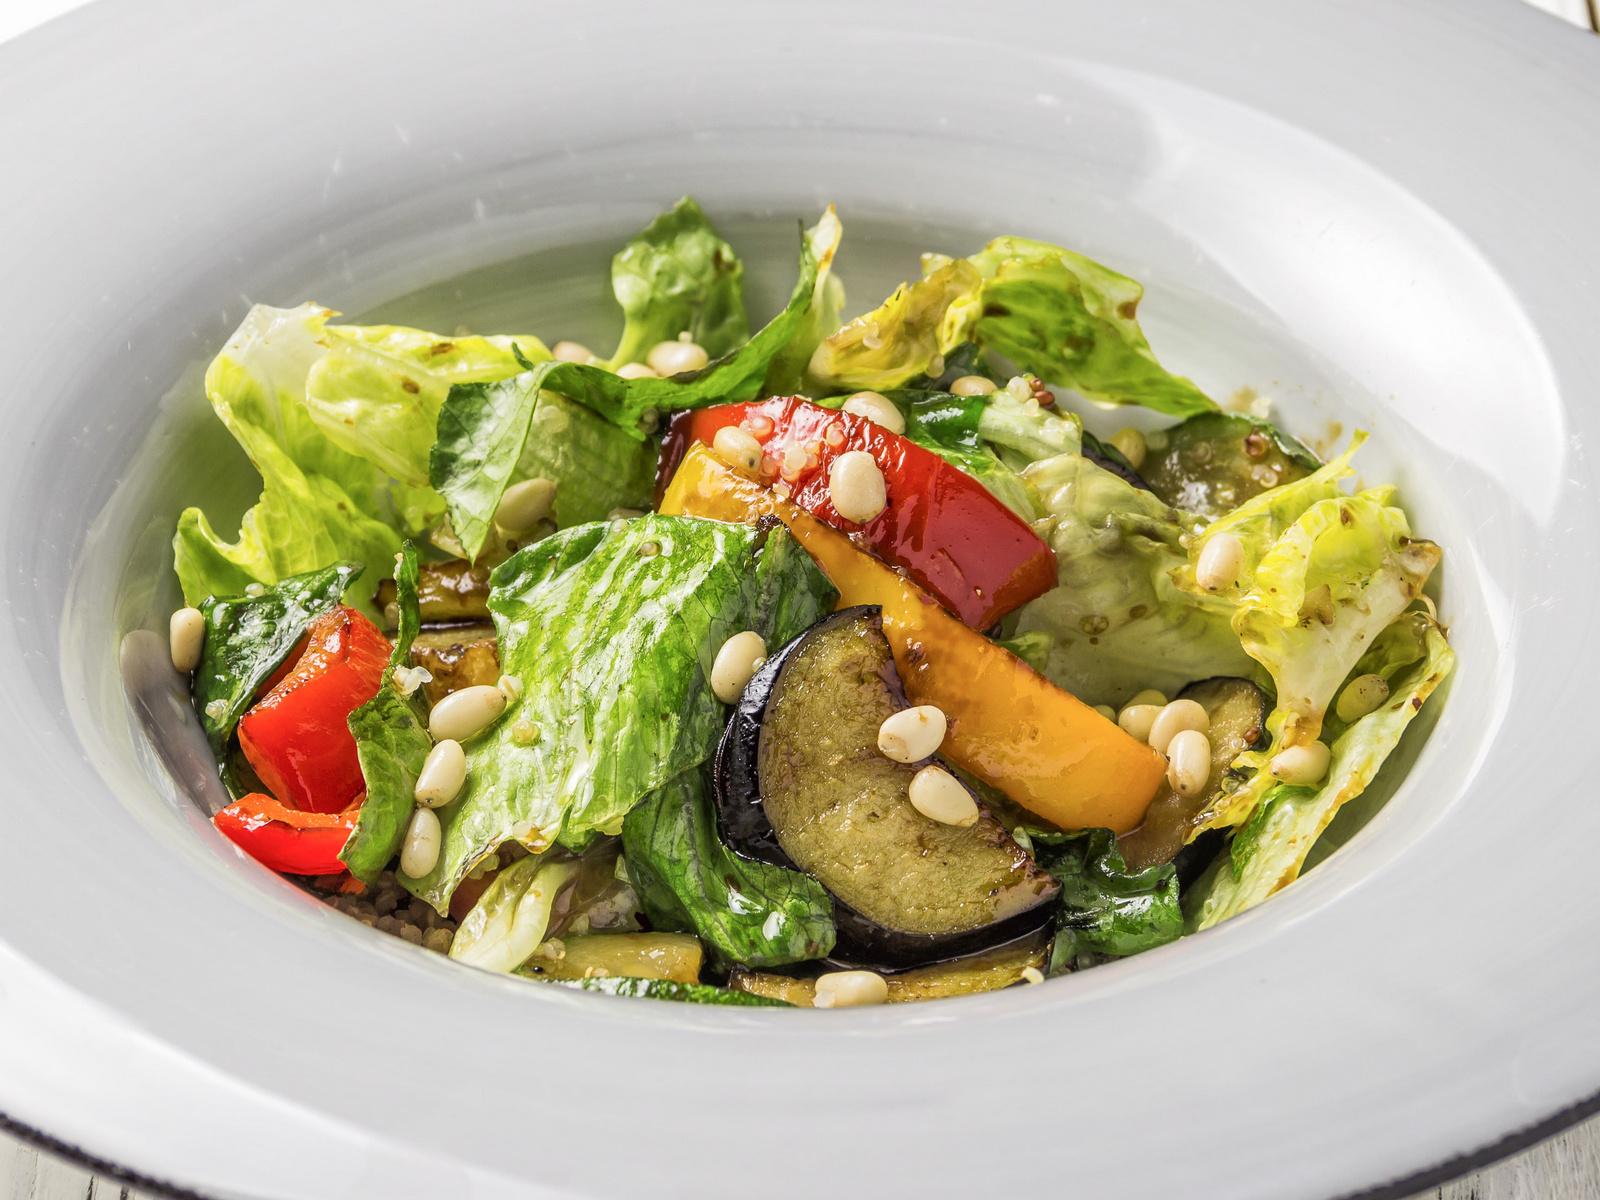 Салат с киноа с сочными овощами и соусом Терияки